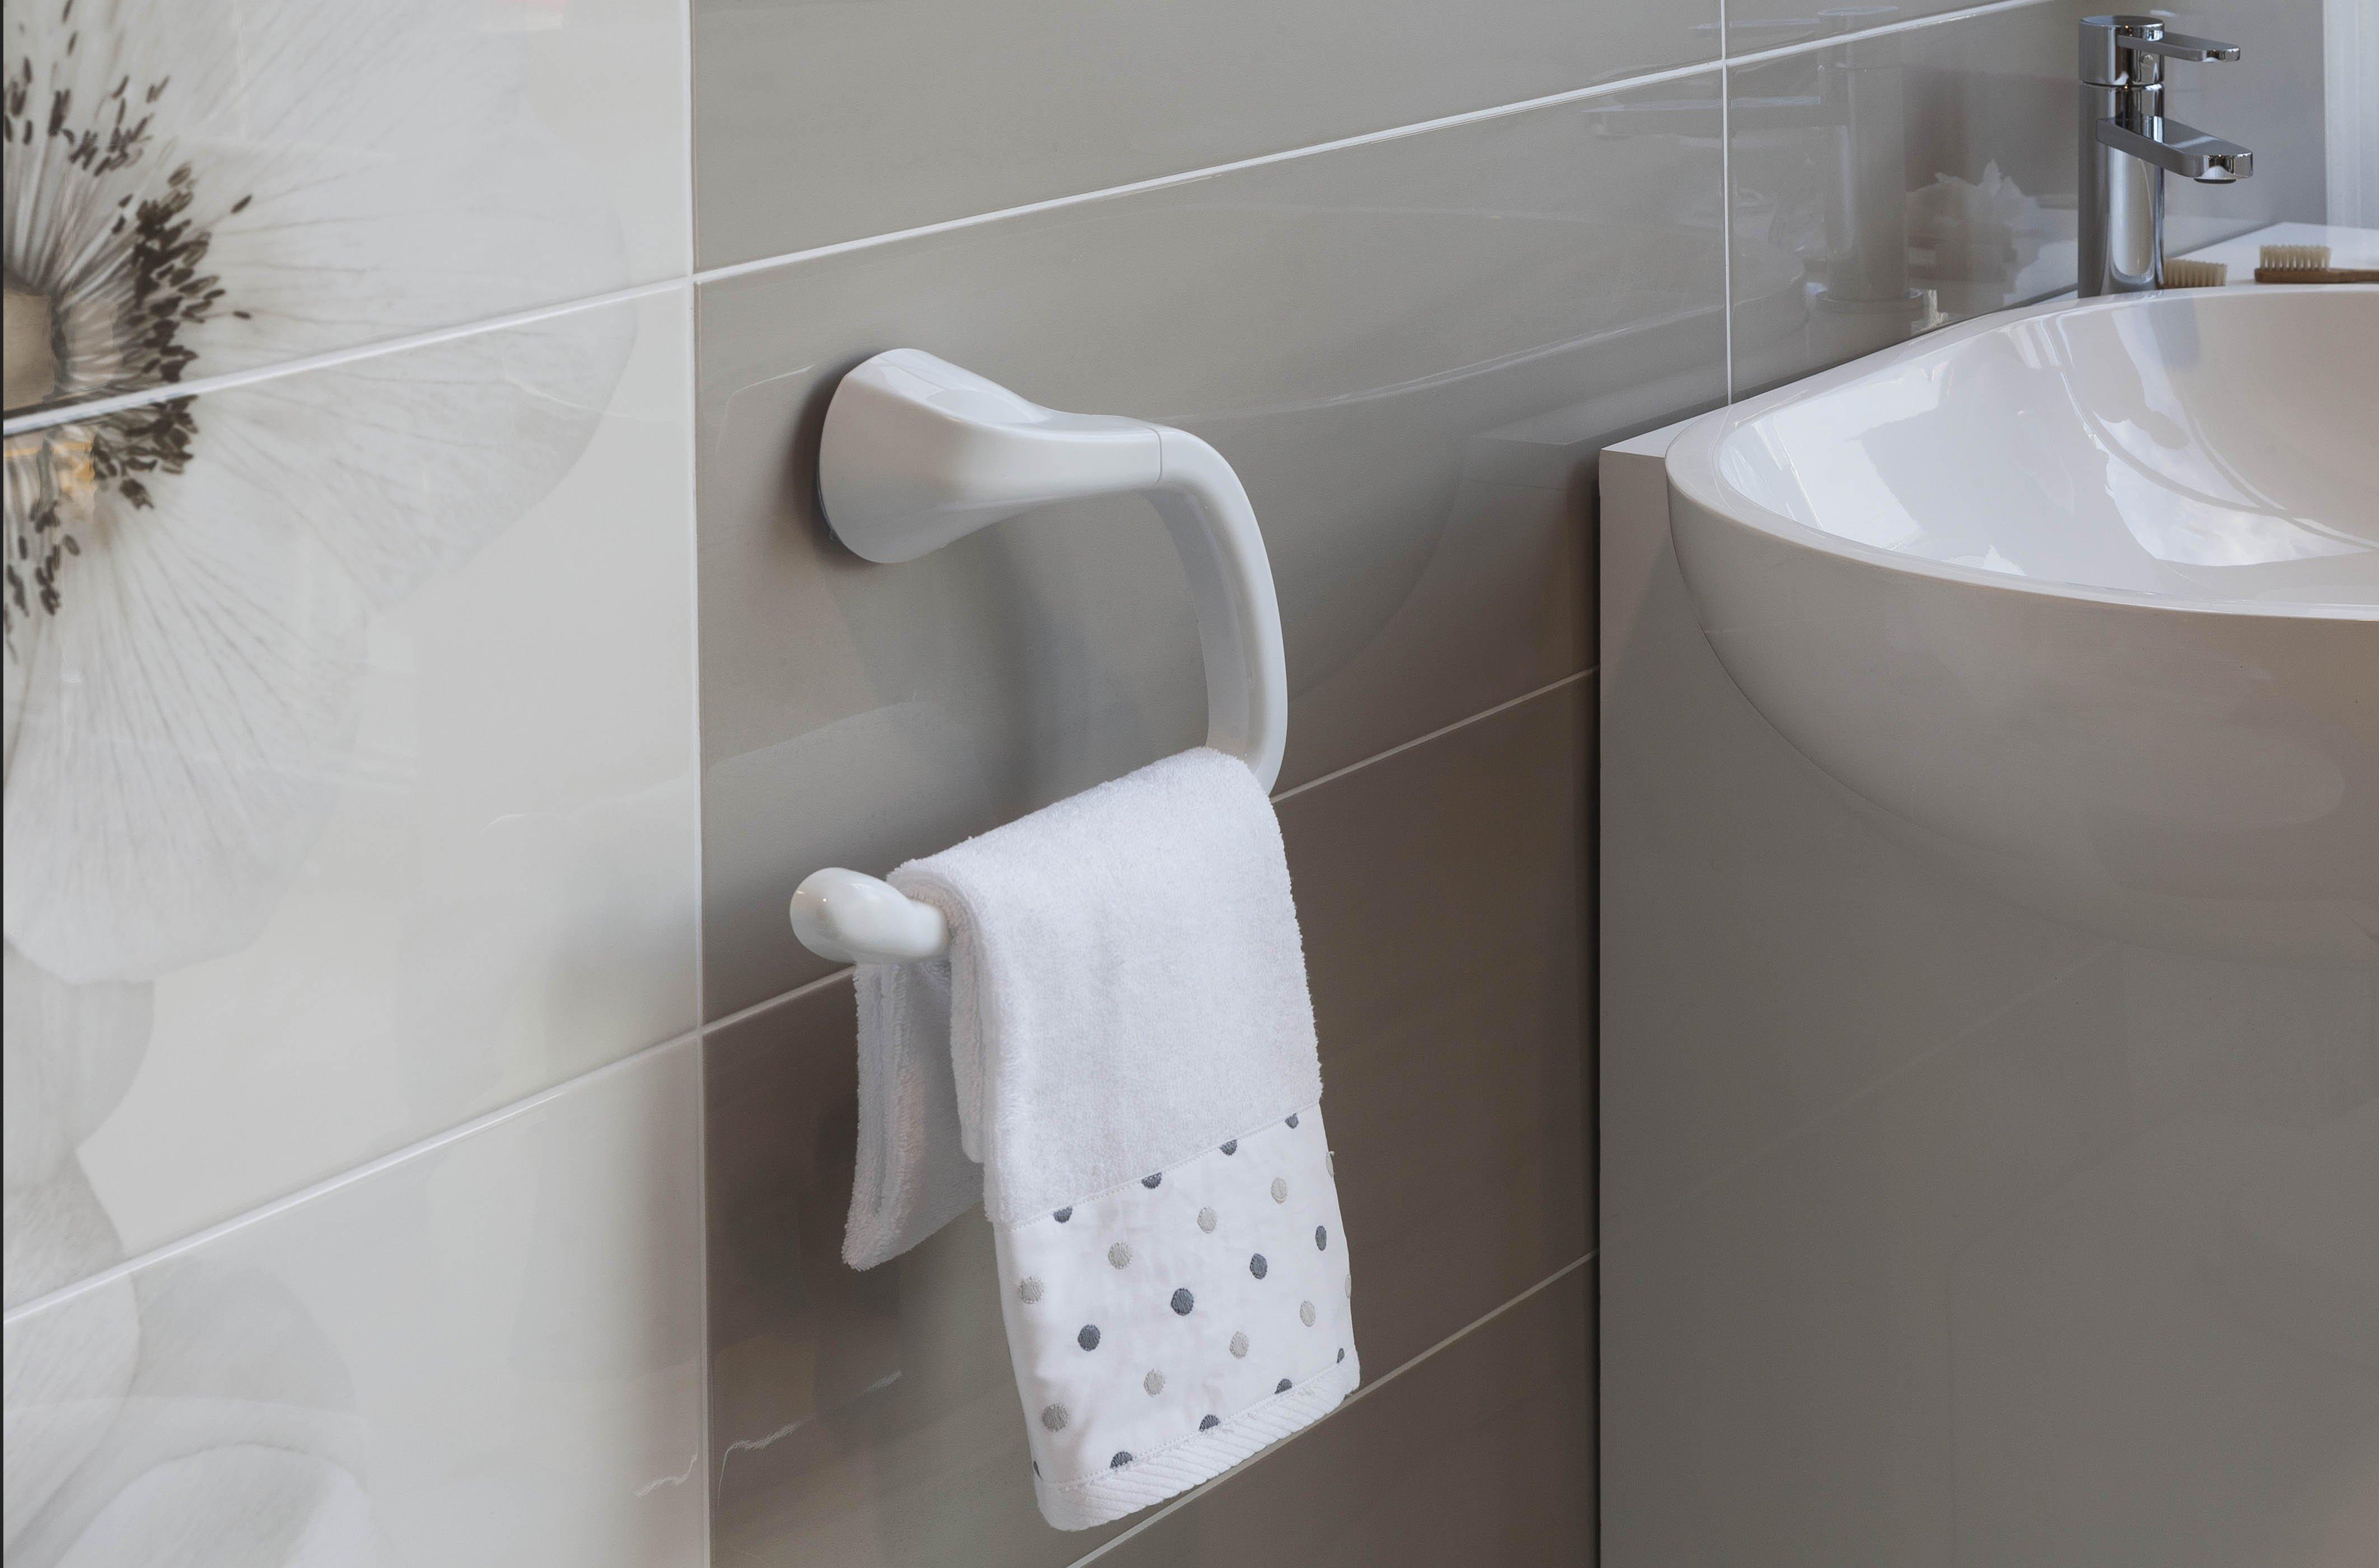 In bagno accessori senza viti e tasselli cose di casa for Accessori x il bagno